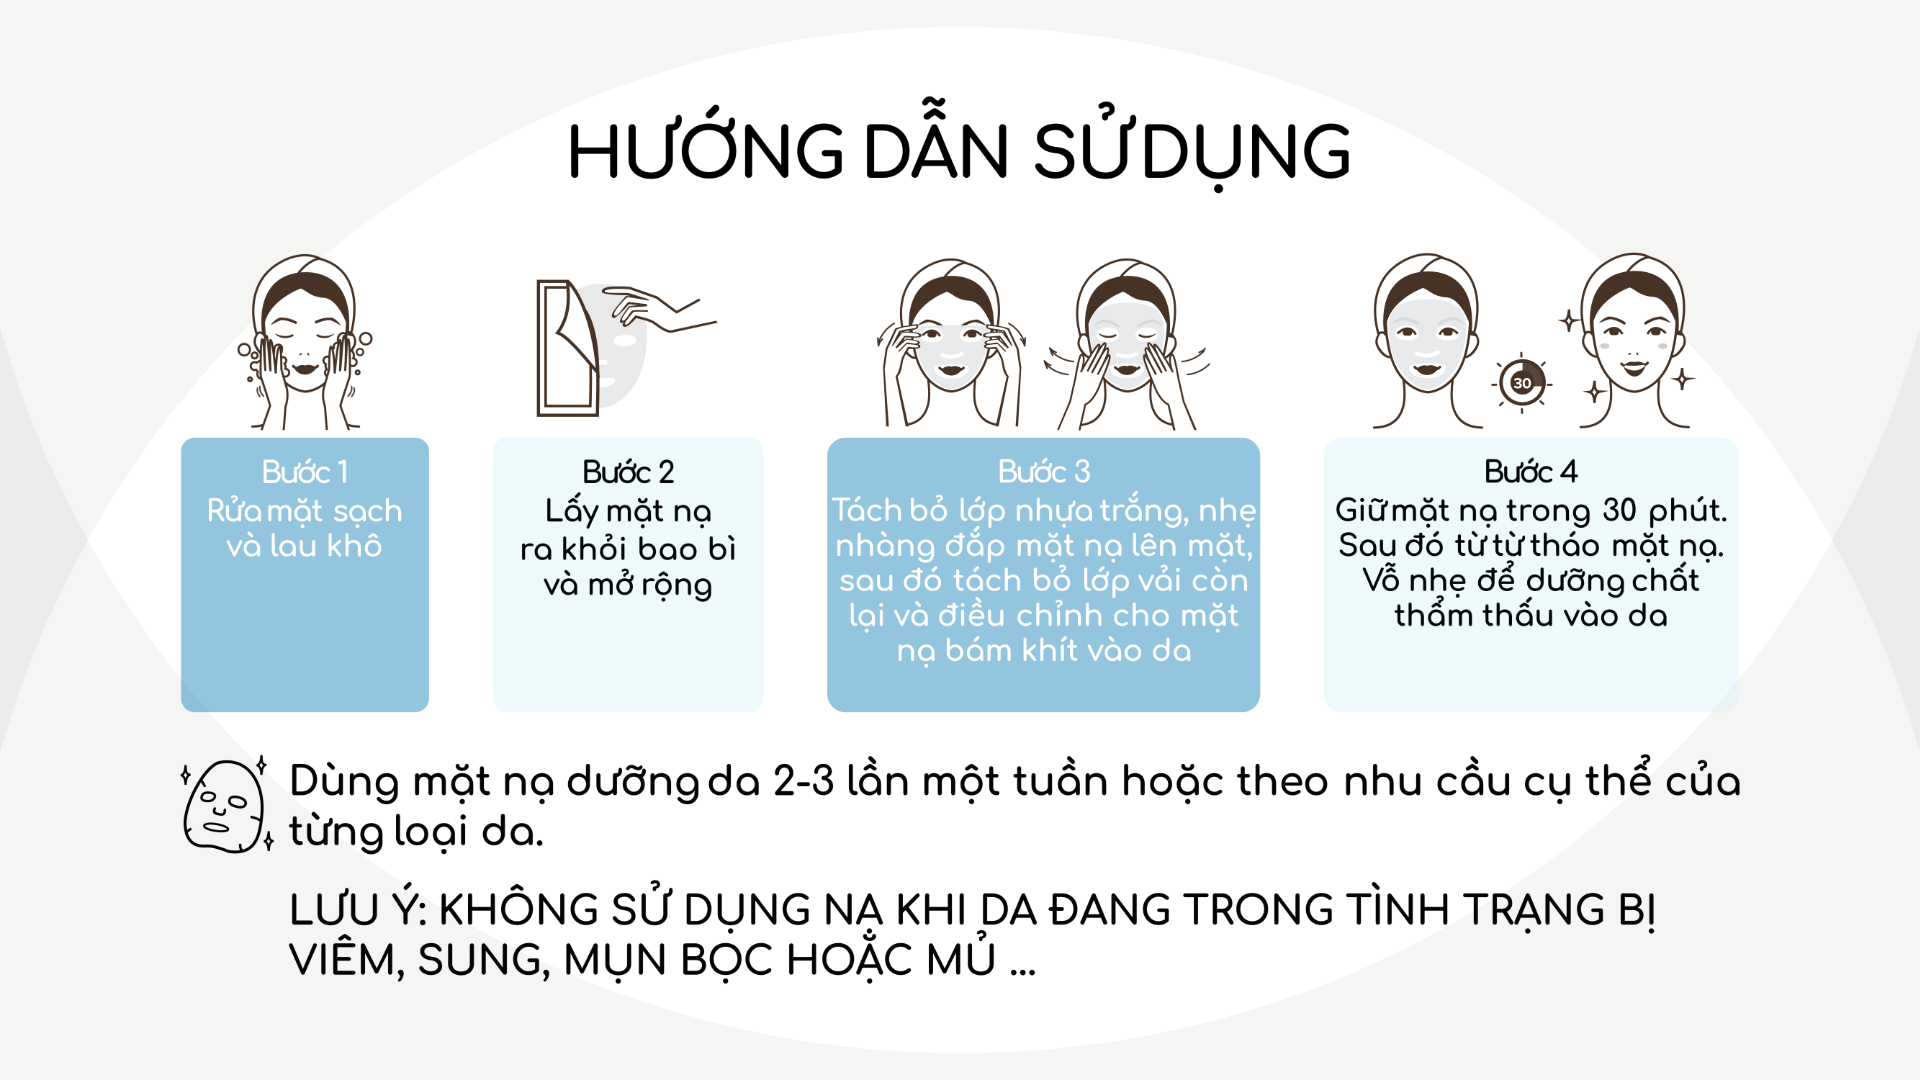 MiungLab - Mặt Nạ Dưỡng Da Hàn Quốc (Lẻ 1 Miếng Nạ)  Chăm sóc cơ thể